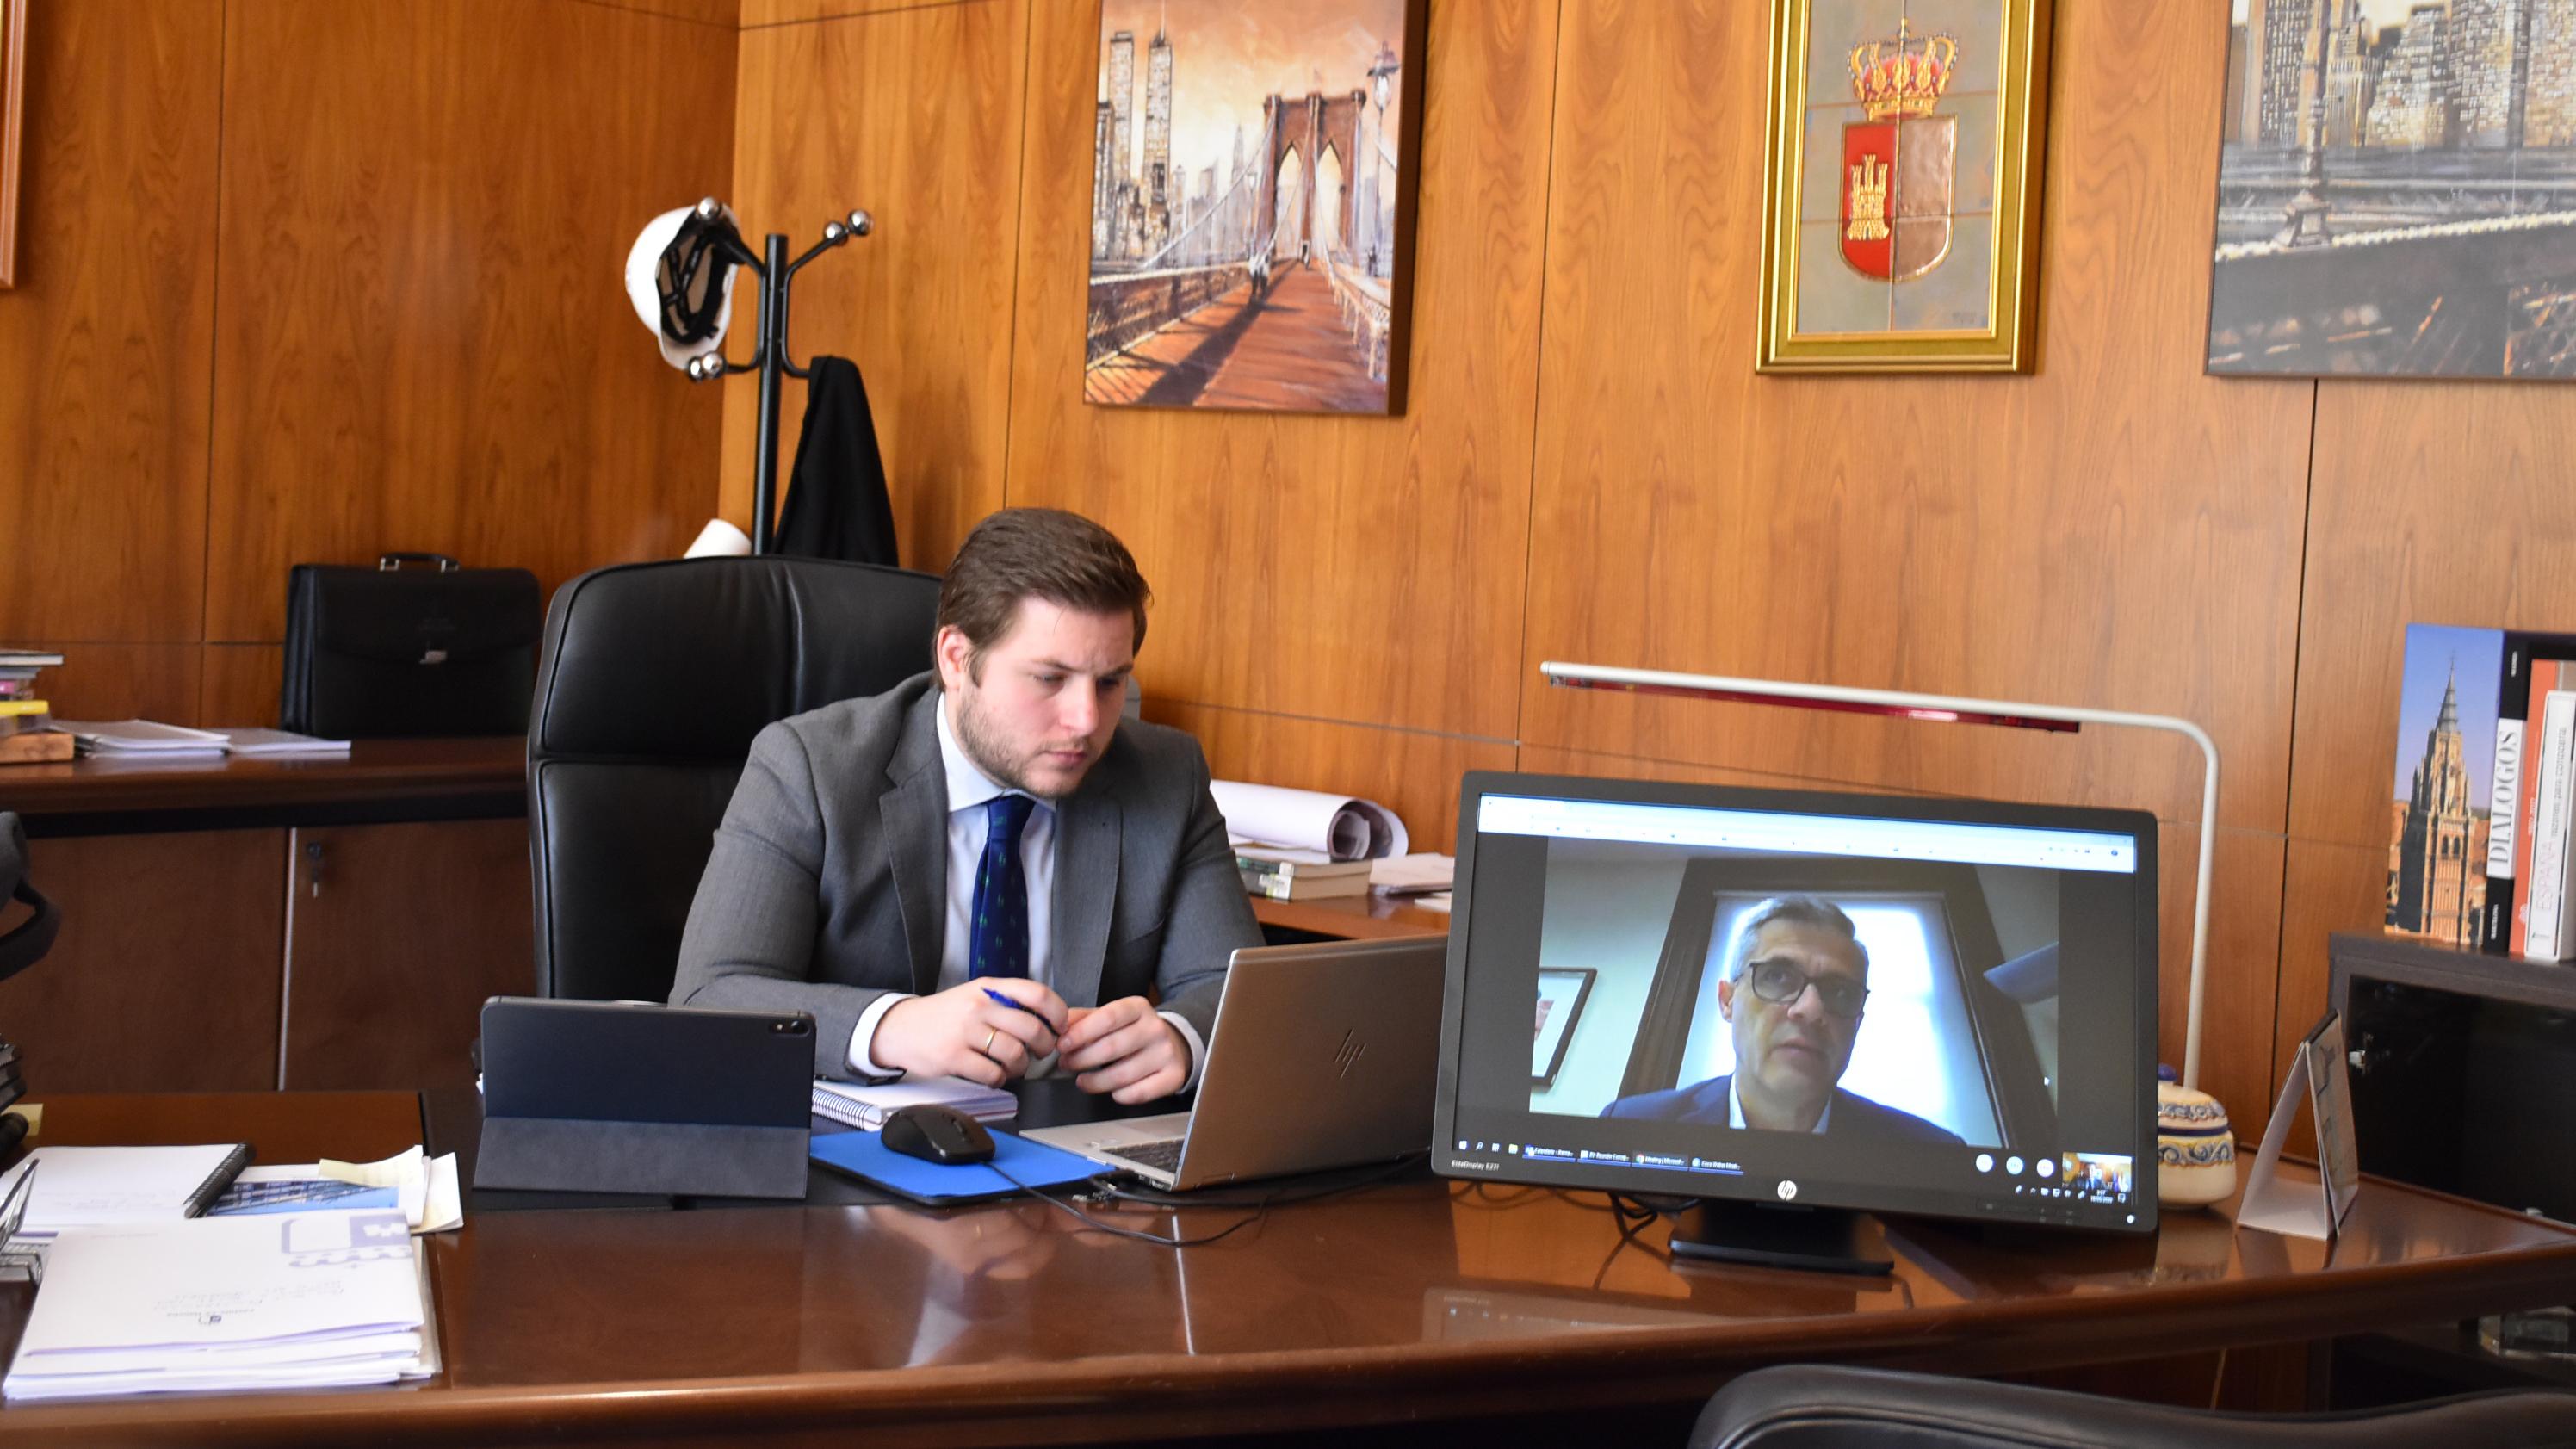 El Portal de Vivienda de Castilla-La Mancha multiplica por cuatro sus visitas tras la convocatoria de las ayudas al alquiler por la COVID-19